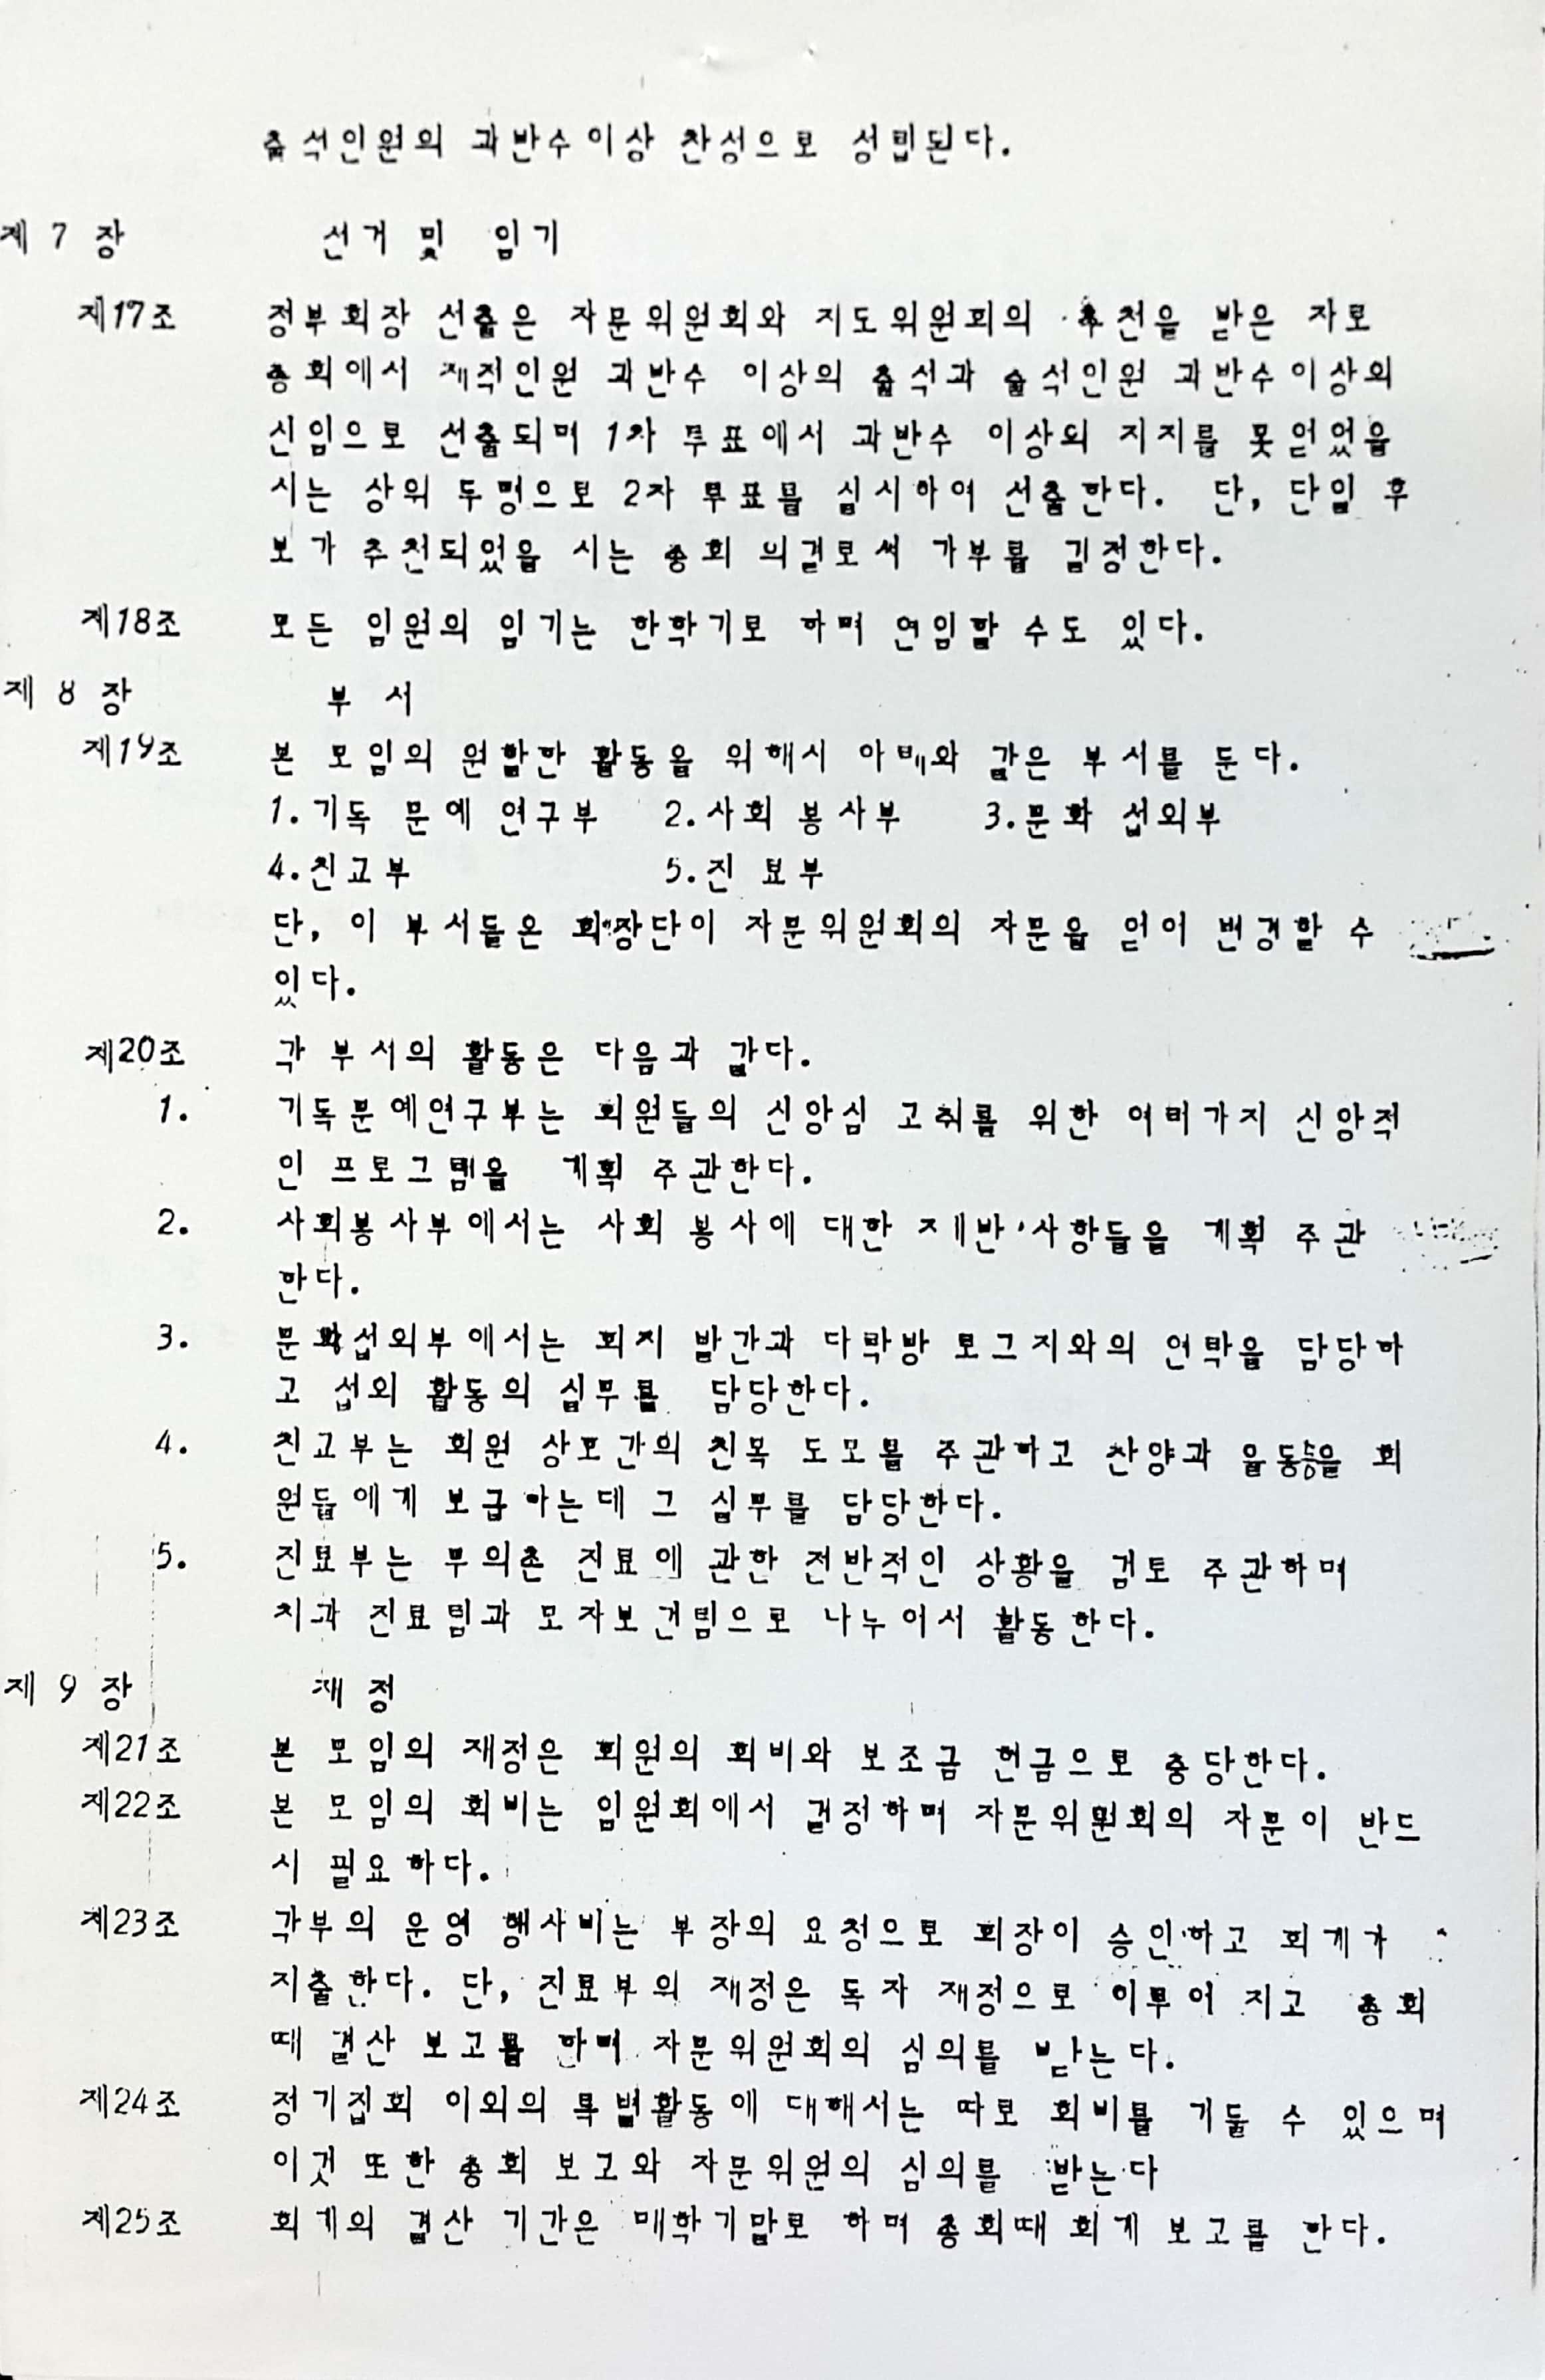 김경남교수님 에셀정기총회자료 1986년8월_14.jpg